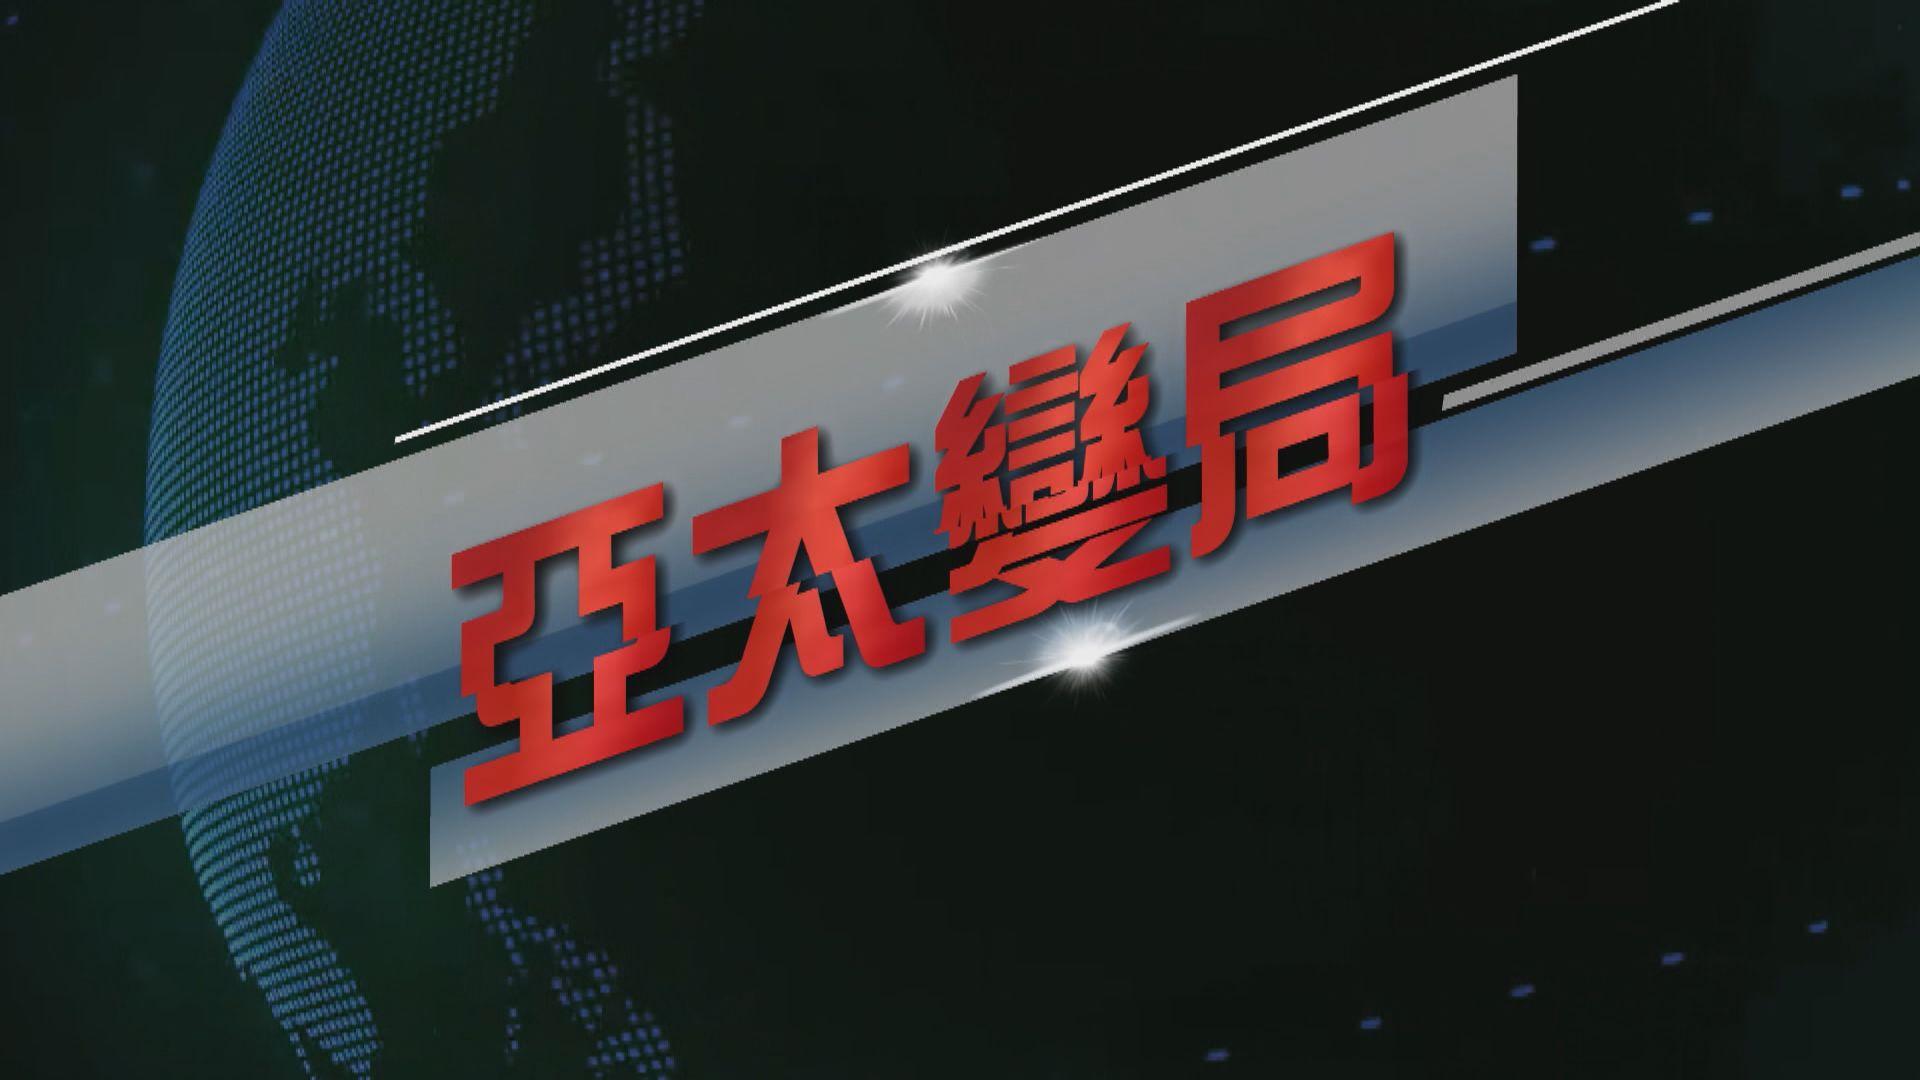 【新聞智庫】香港局勢升溫、日韓貿易糾紛 亞太局勢風起雲湧